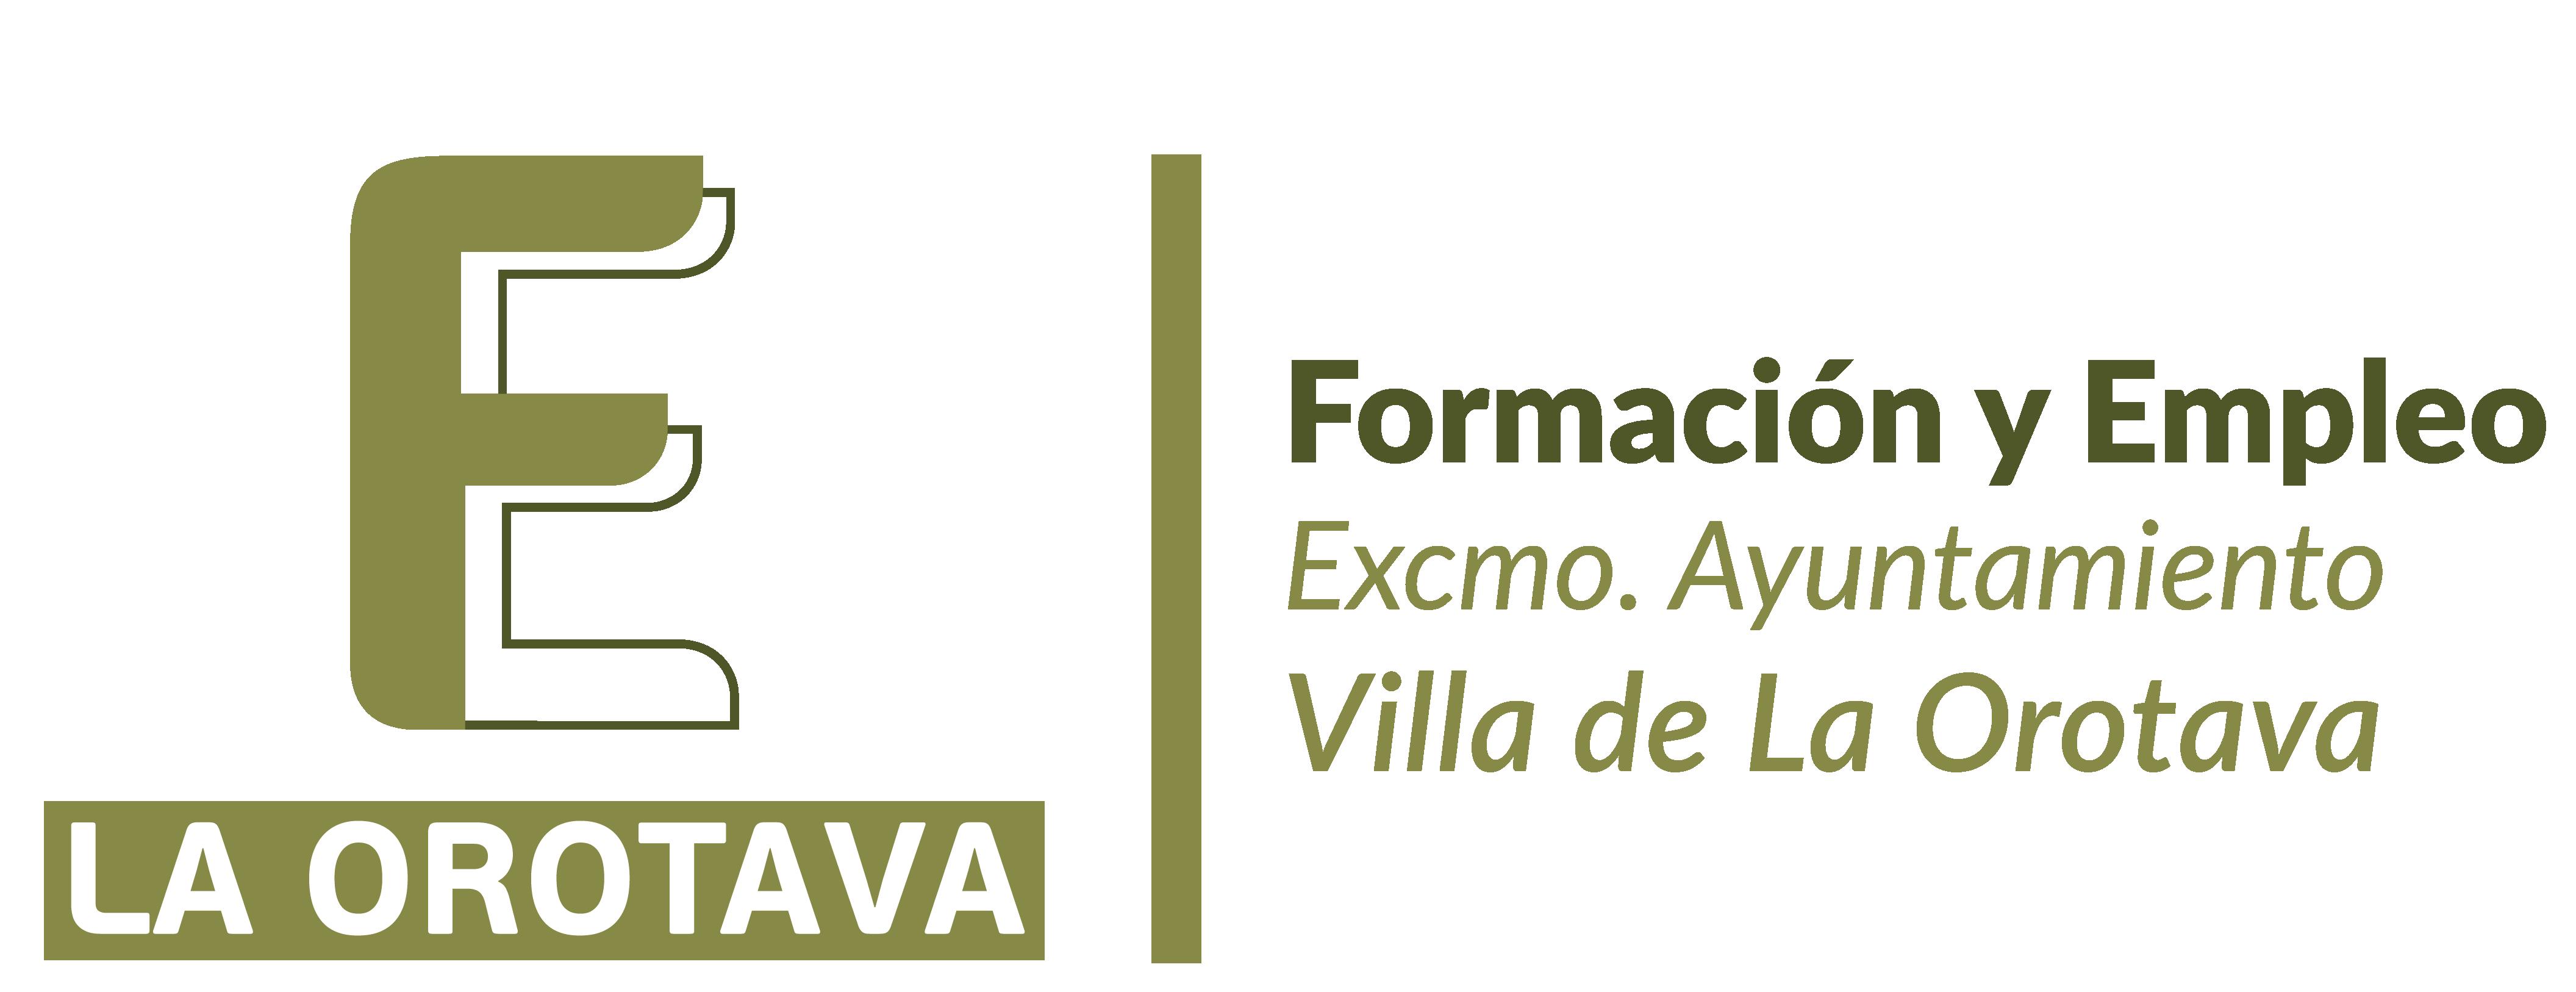 Formación y Empleo La Orotava